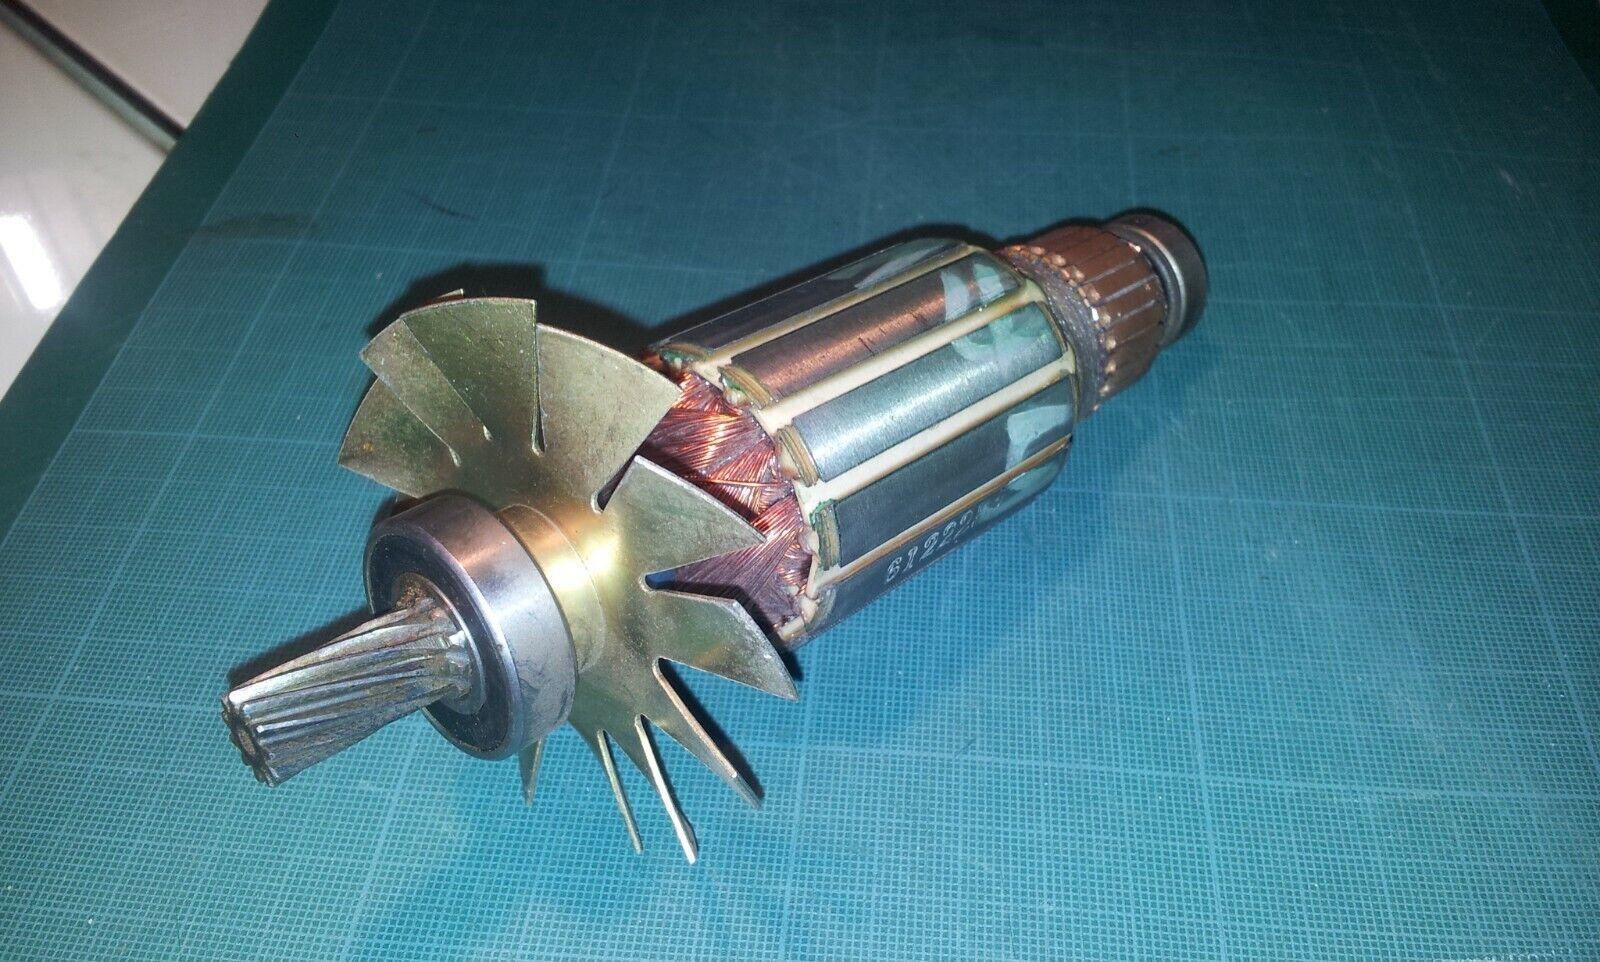 Armature cm Anker, Rotor Motor for ORIGINAL MAKITA 9201